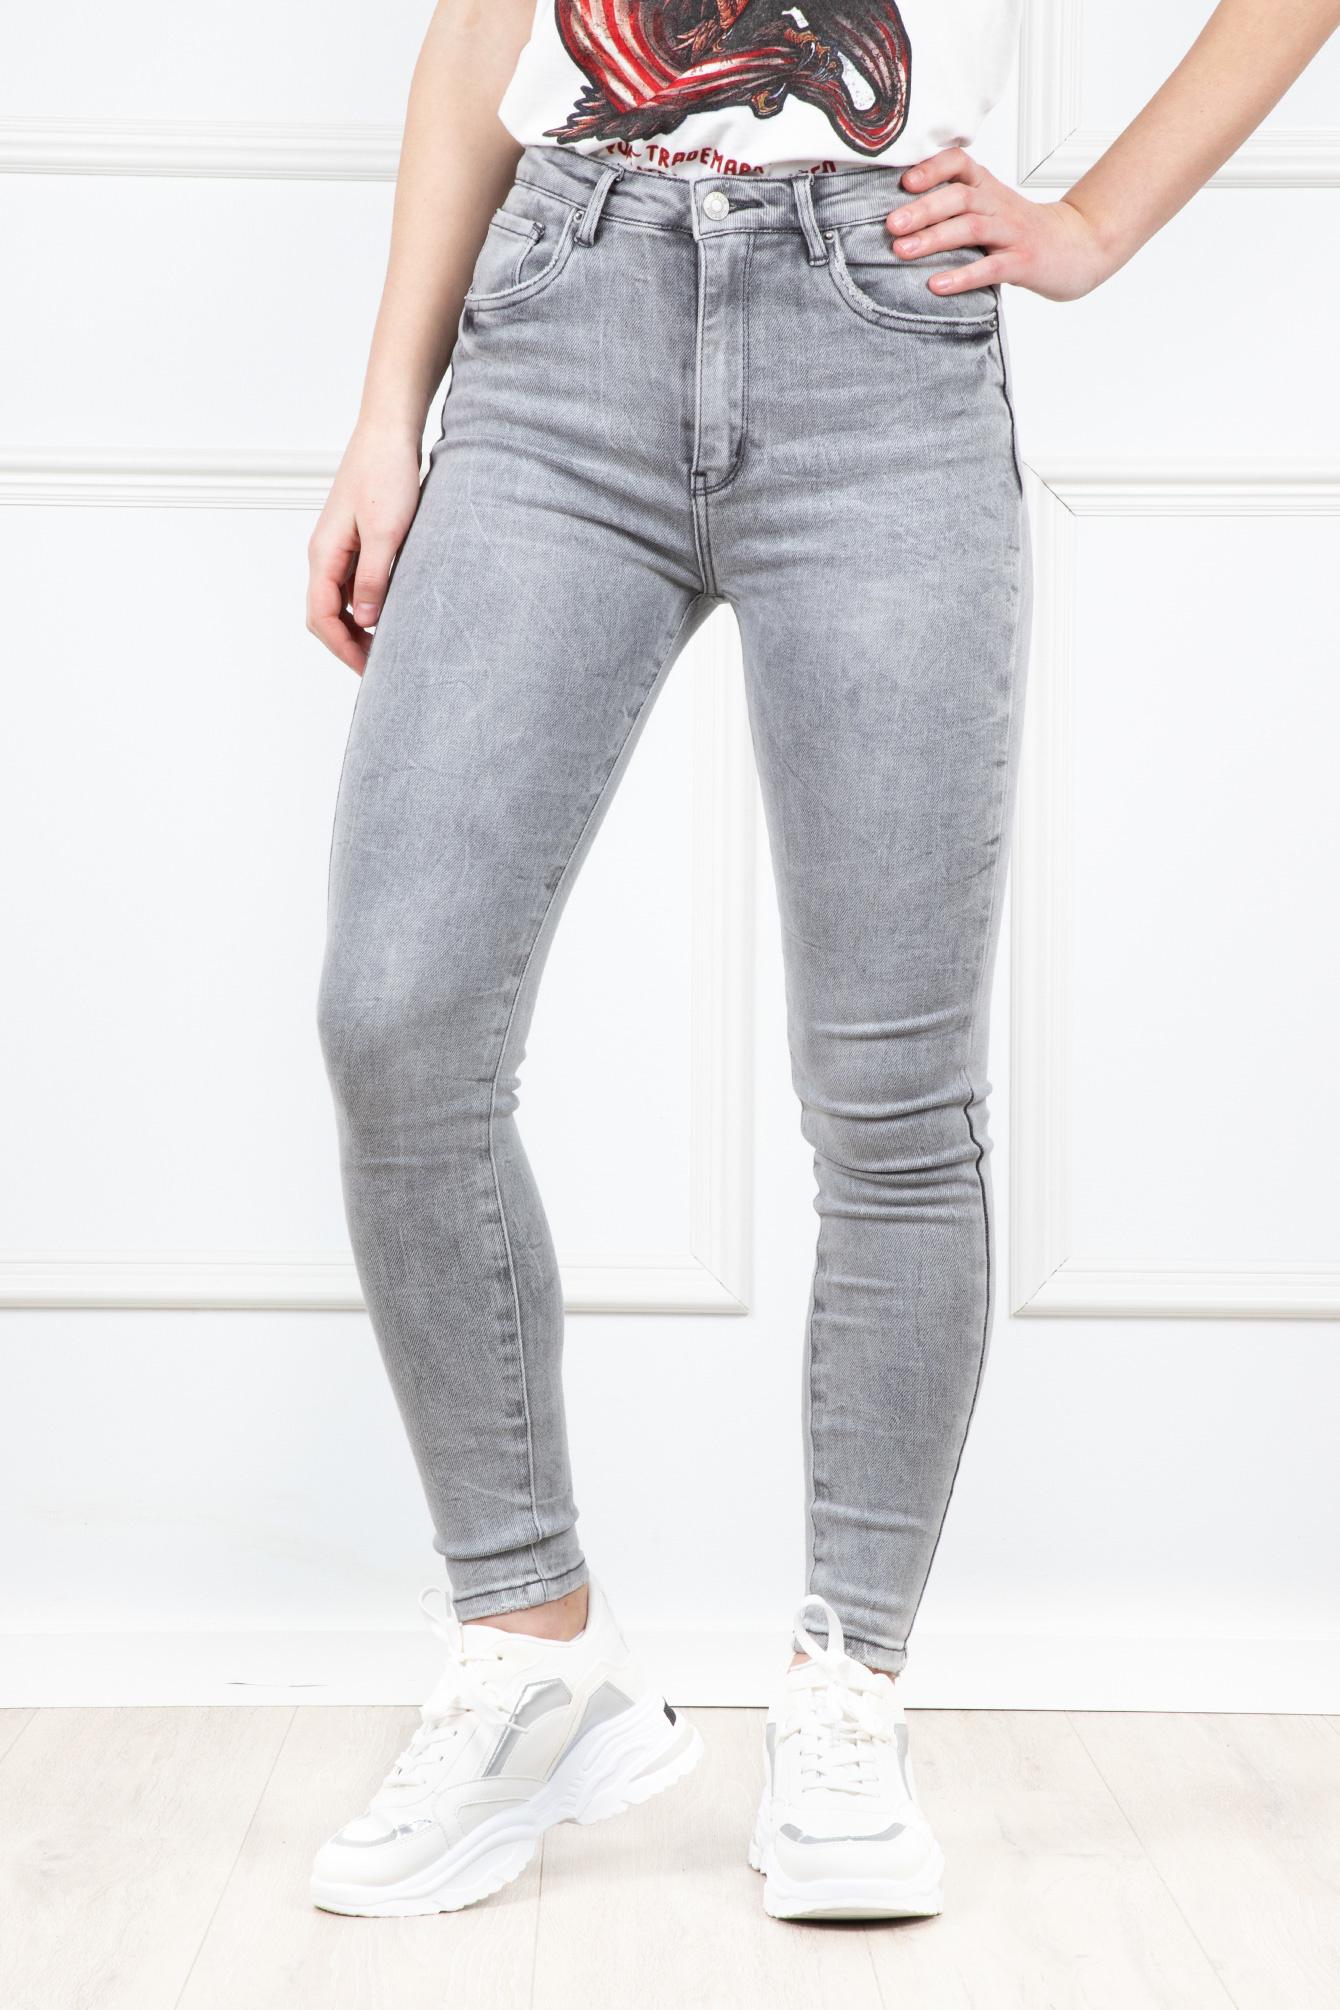 Spijkerbroek Fenna grijs